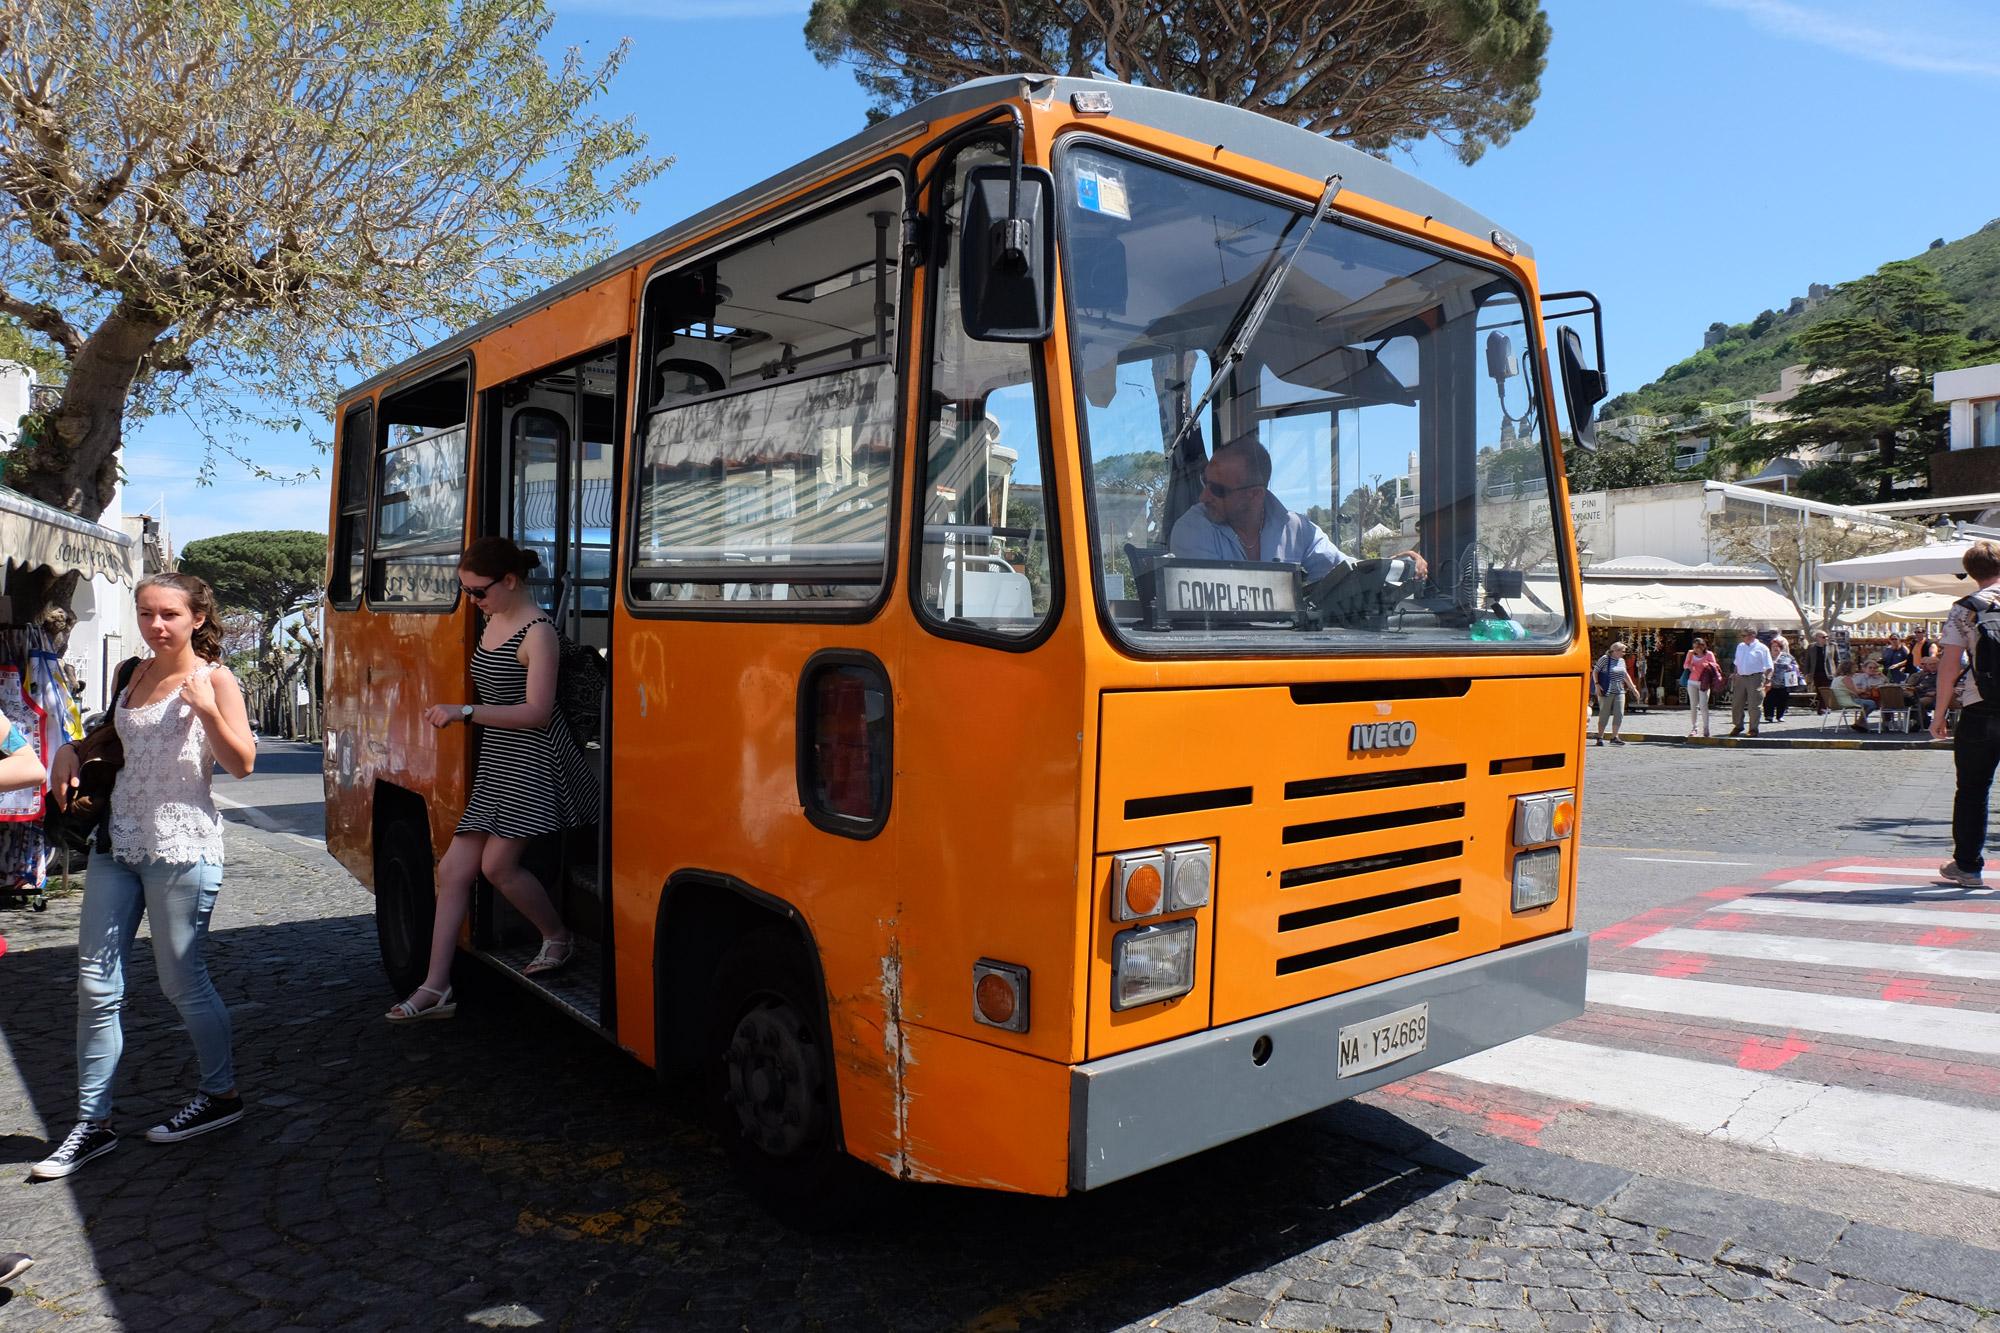 The tiny, terrifying bus to Anacapri